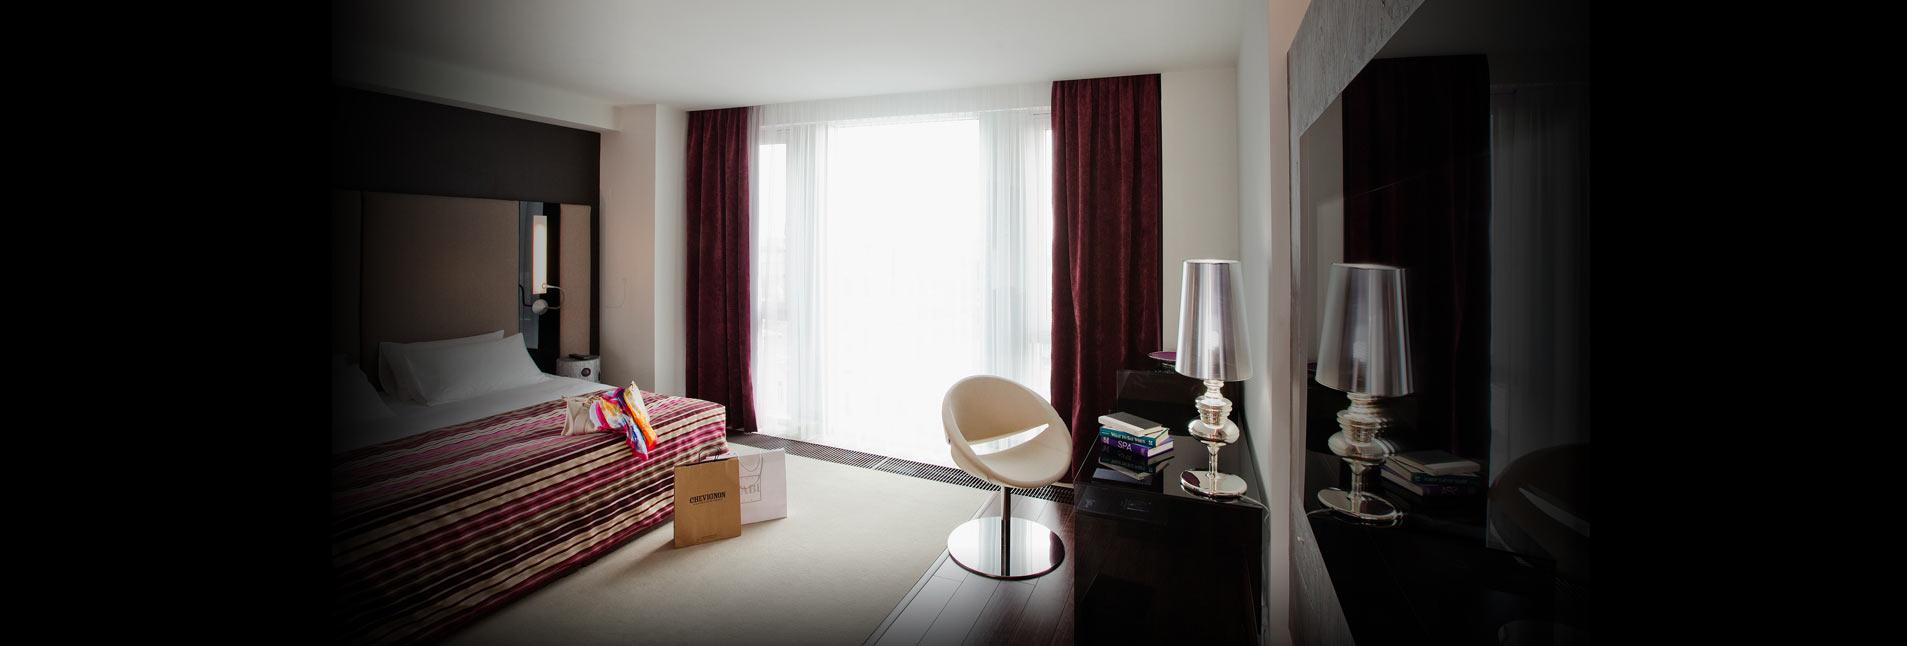 Diseno de habitaciones con ba o - Habitaciones con bano ...